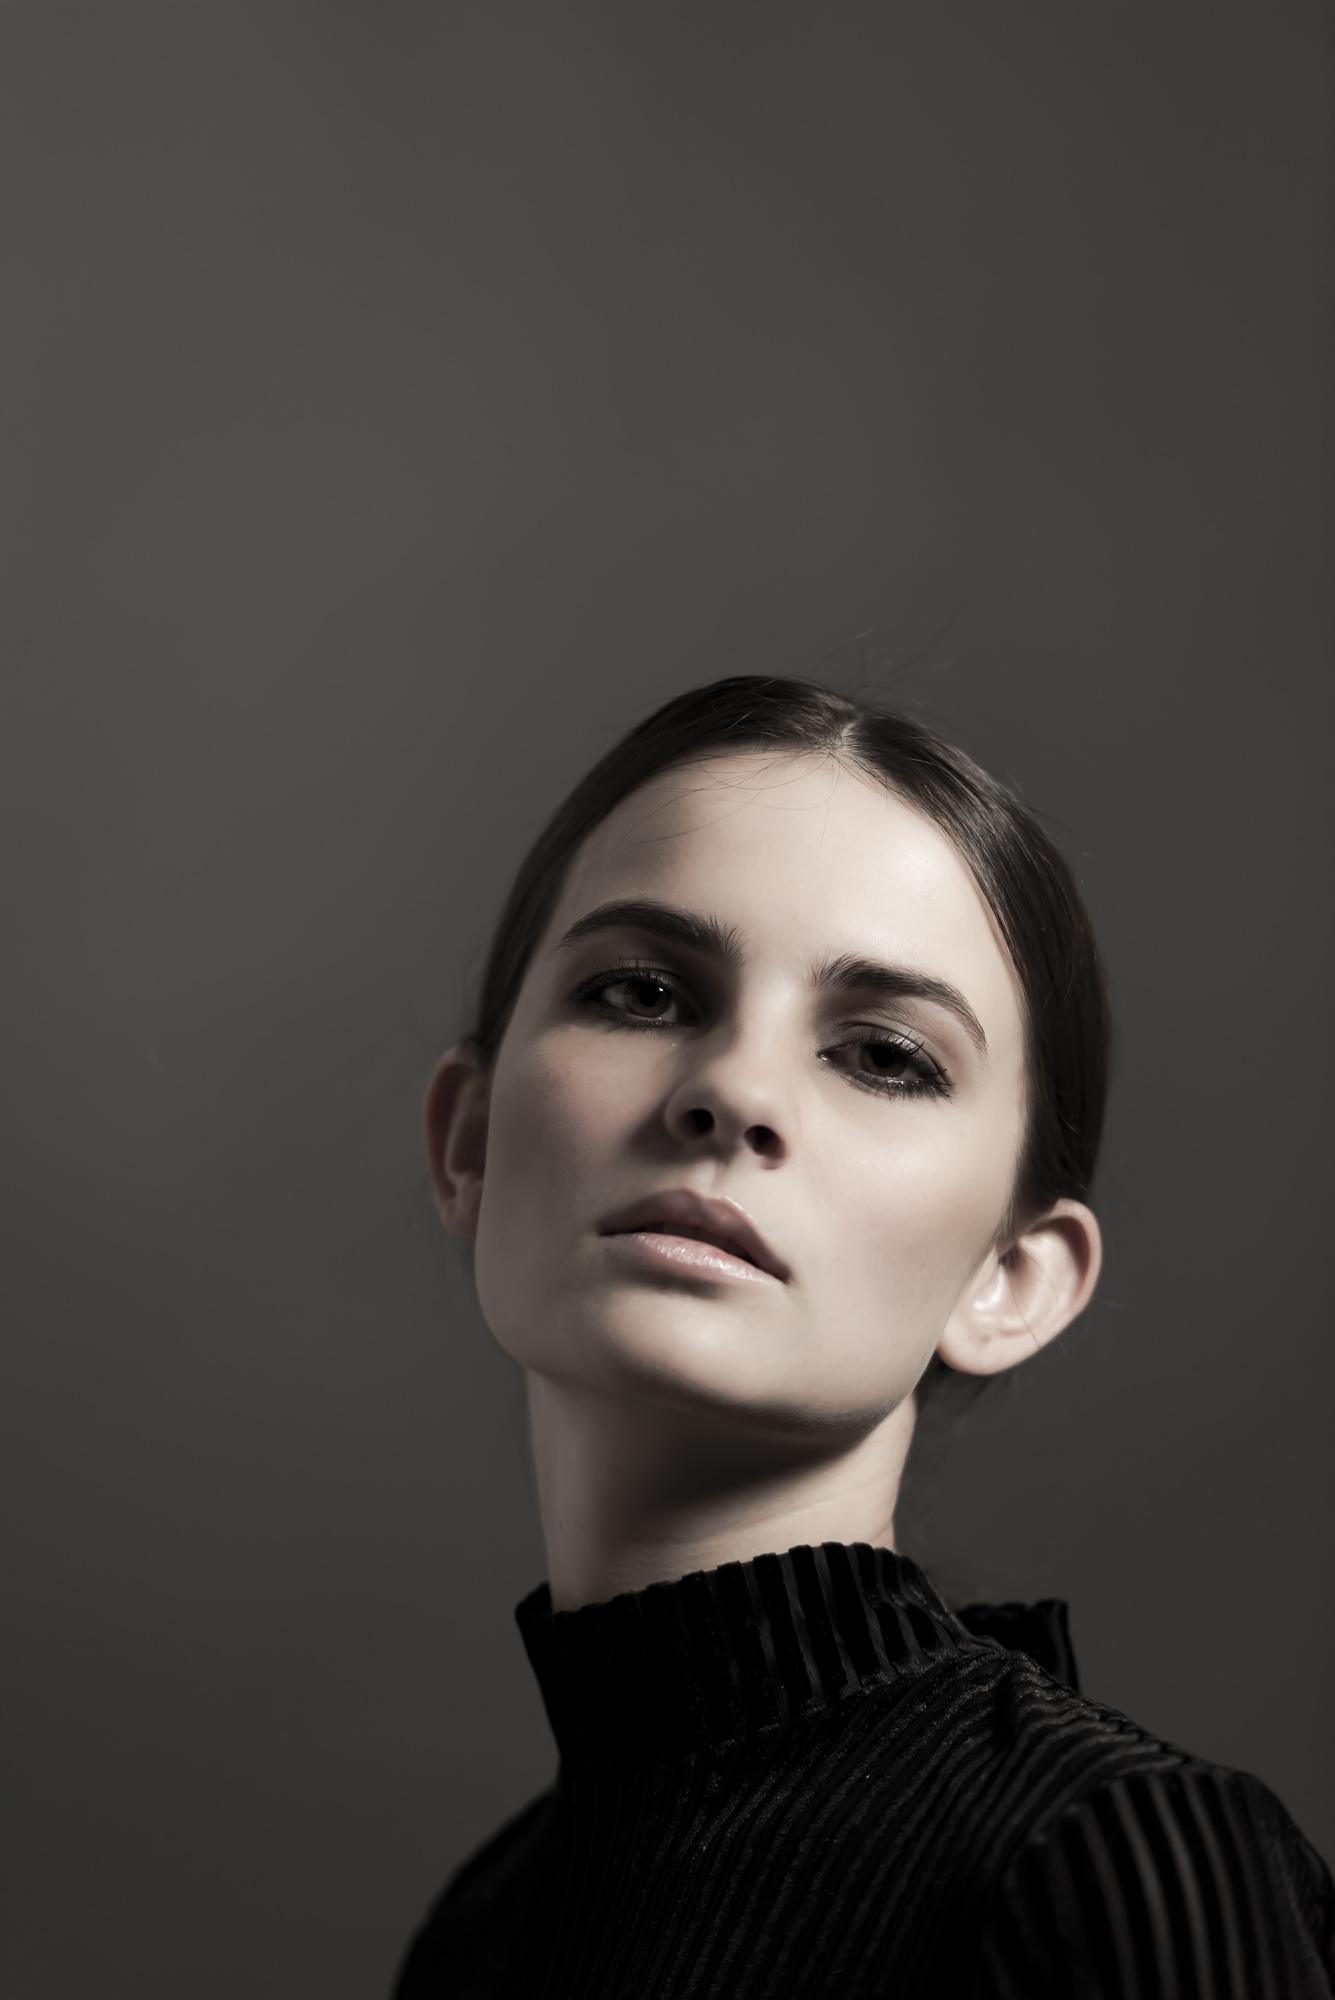 Modelphoto by_The Brand Agency_Carsten Herholdt_2019_LQ-6663.jpg